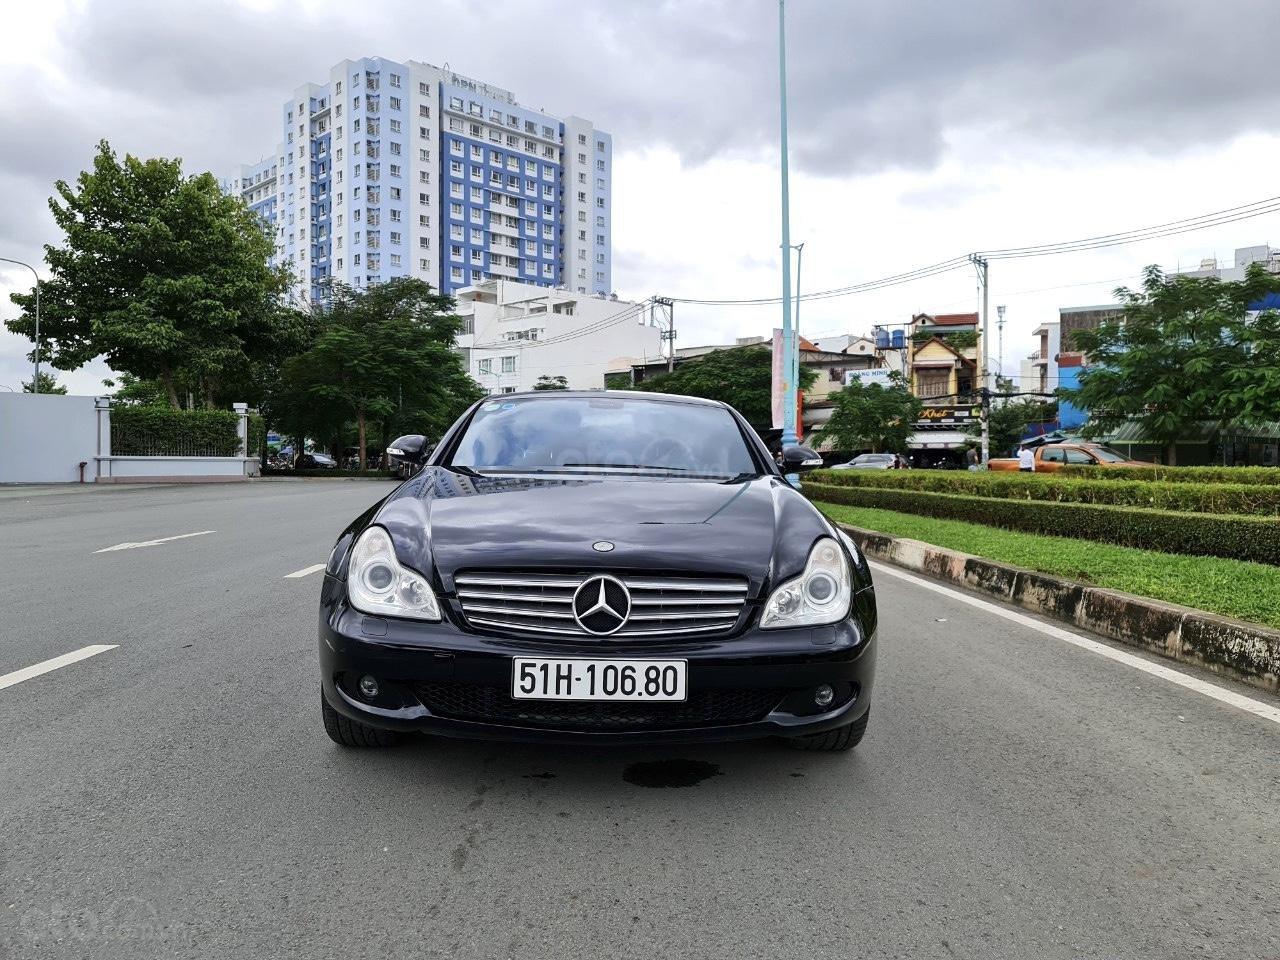 Mercedes CLS 500 nhập Đức 2007, màu đen (3)